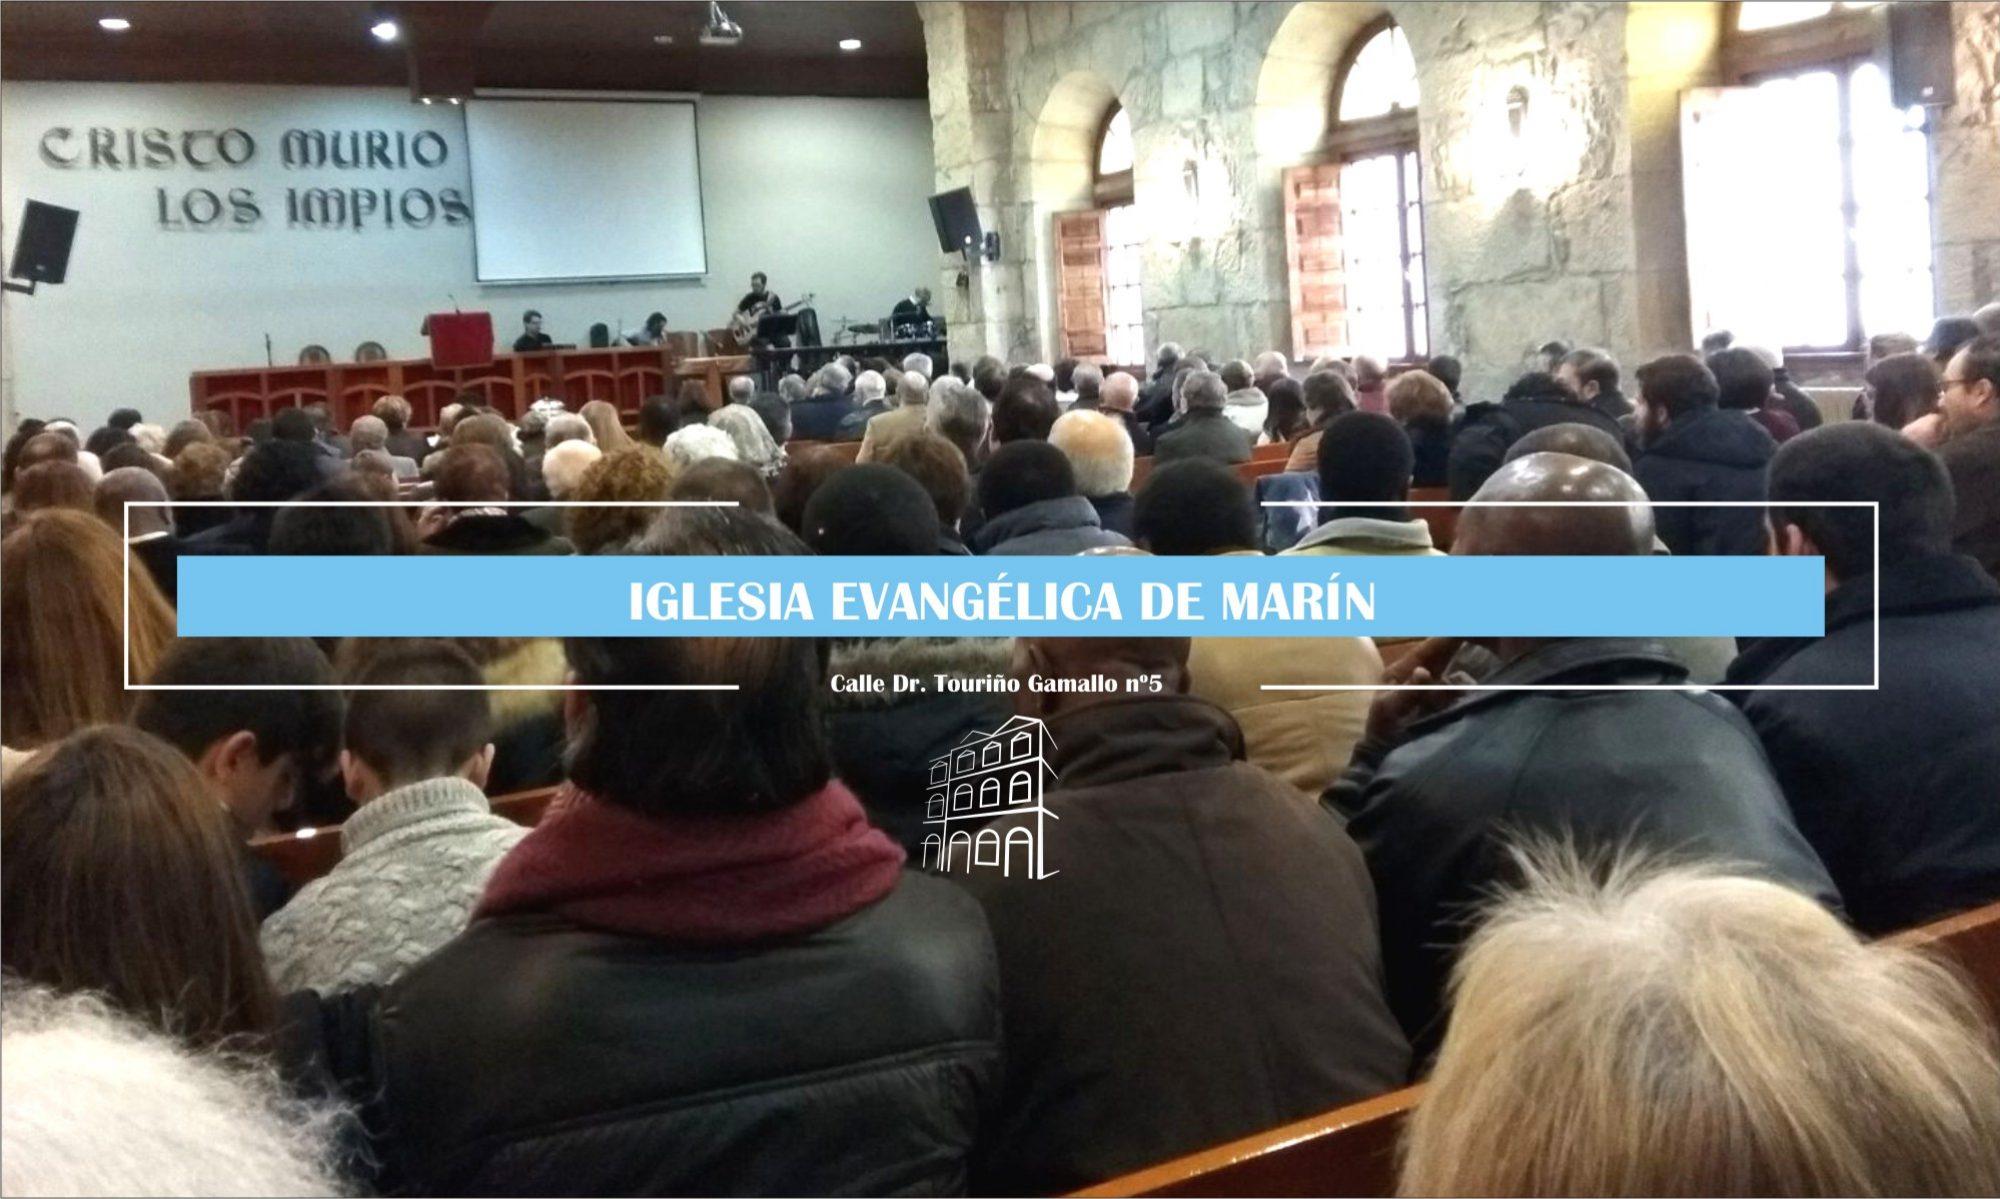 Iglesia Evangélica de Marín